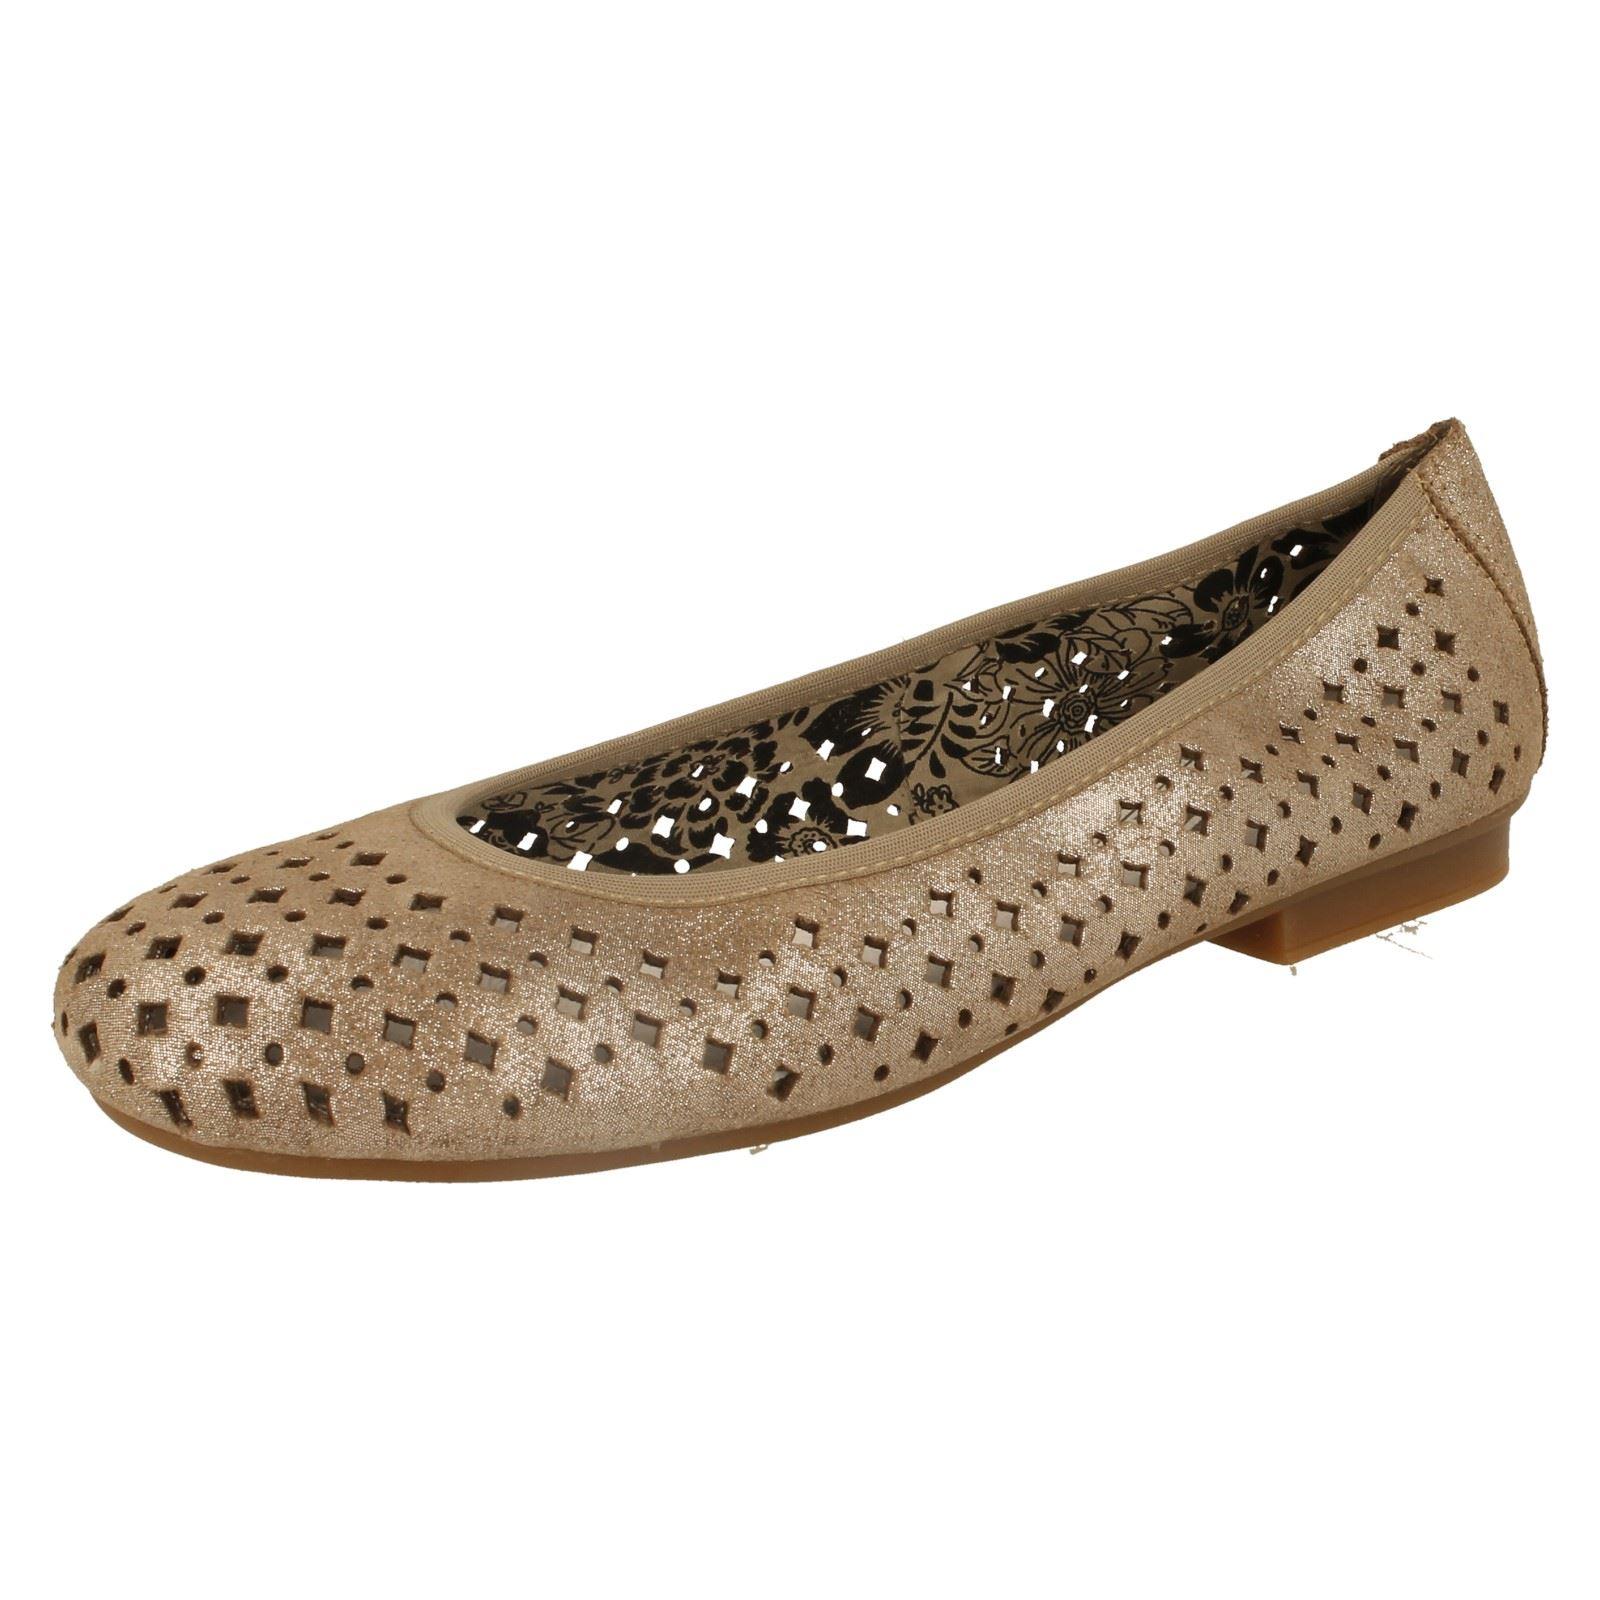 Ballerina Rieker 43457 42 Ladies Grau Leder Damens's Schuhes Schuhes Damens's ae9b2d